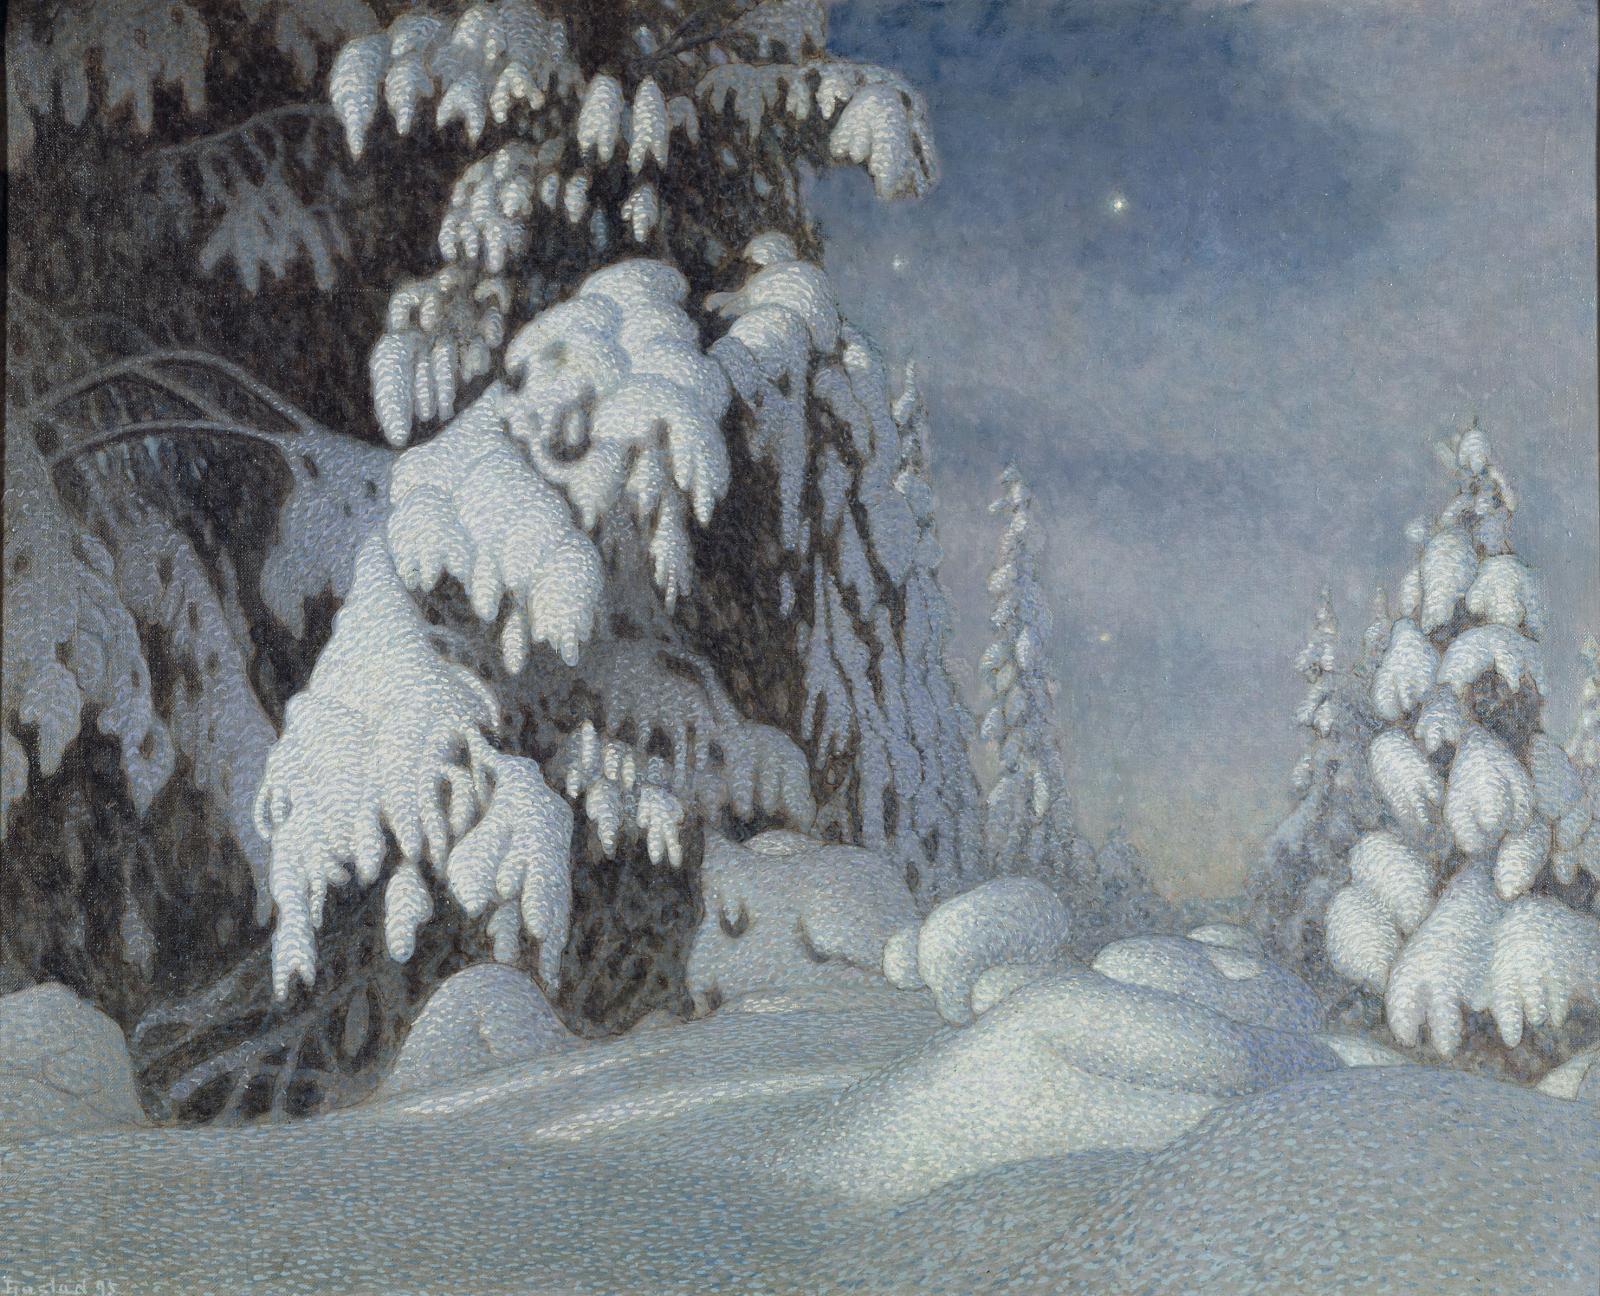 Gustaf Fjæstad,Clair de lune en hiver (Vintermansken), 1895, huile sur toile, 100x124cm, Stockholm, Nationalmuseum.